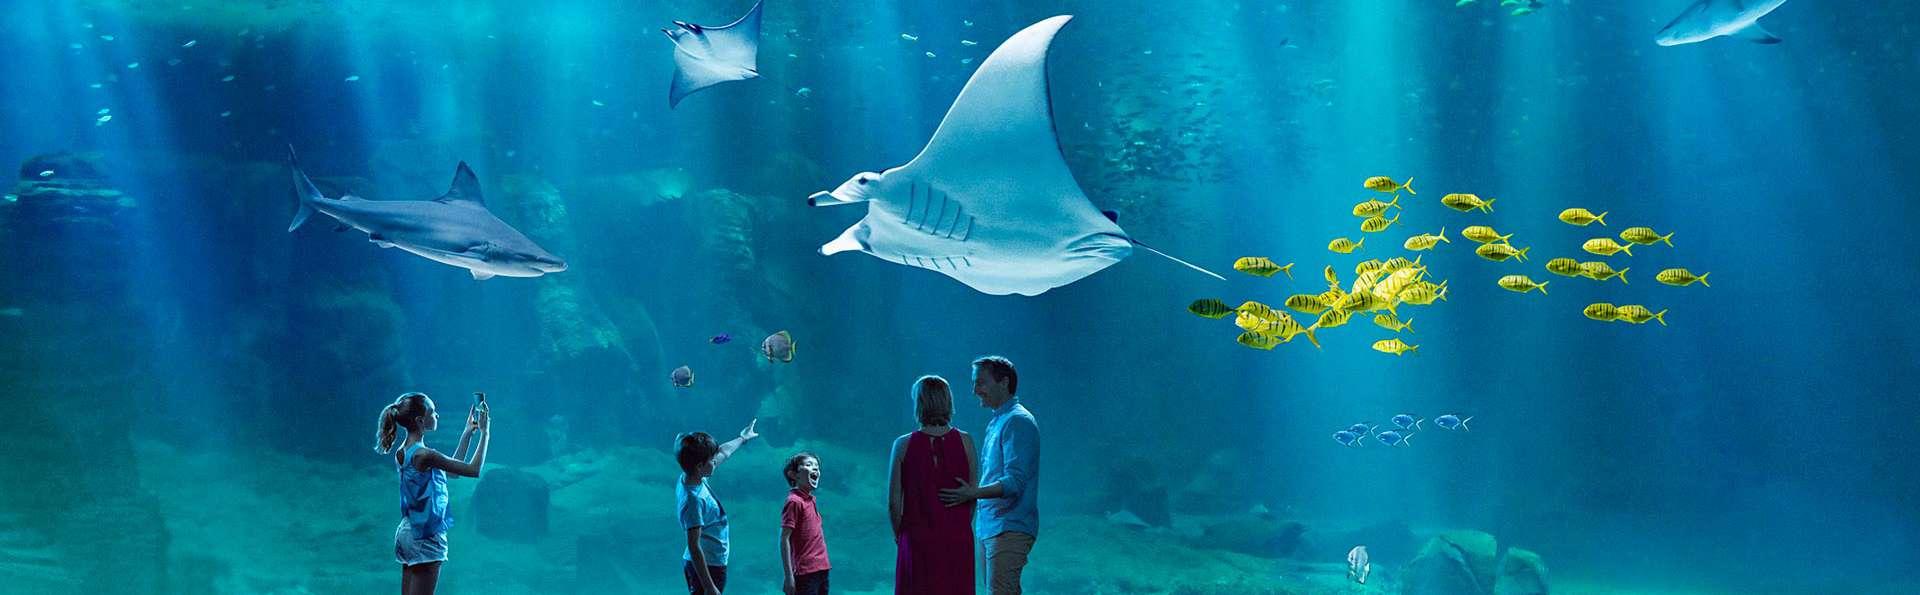 Séjour familial avec entrée à l'Aquarium Nausicaa